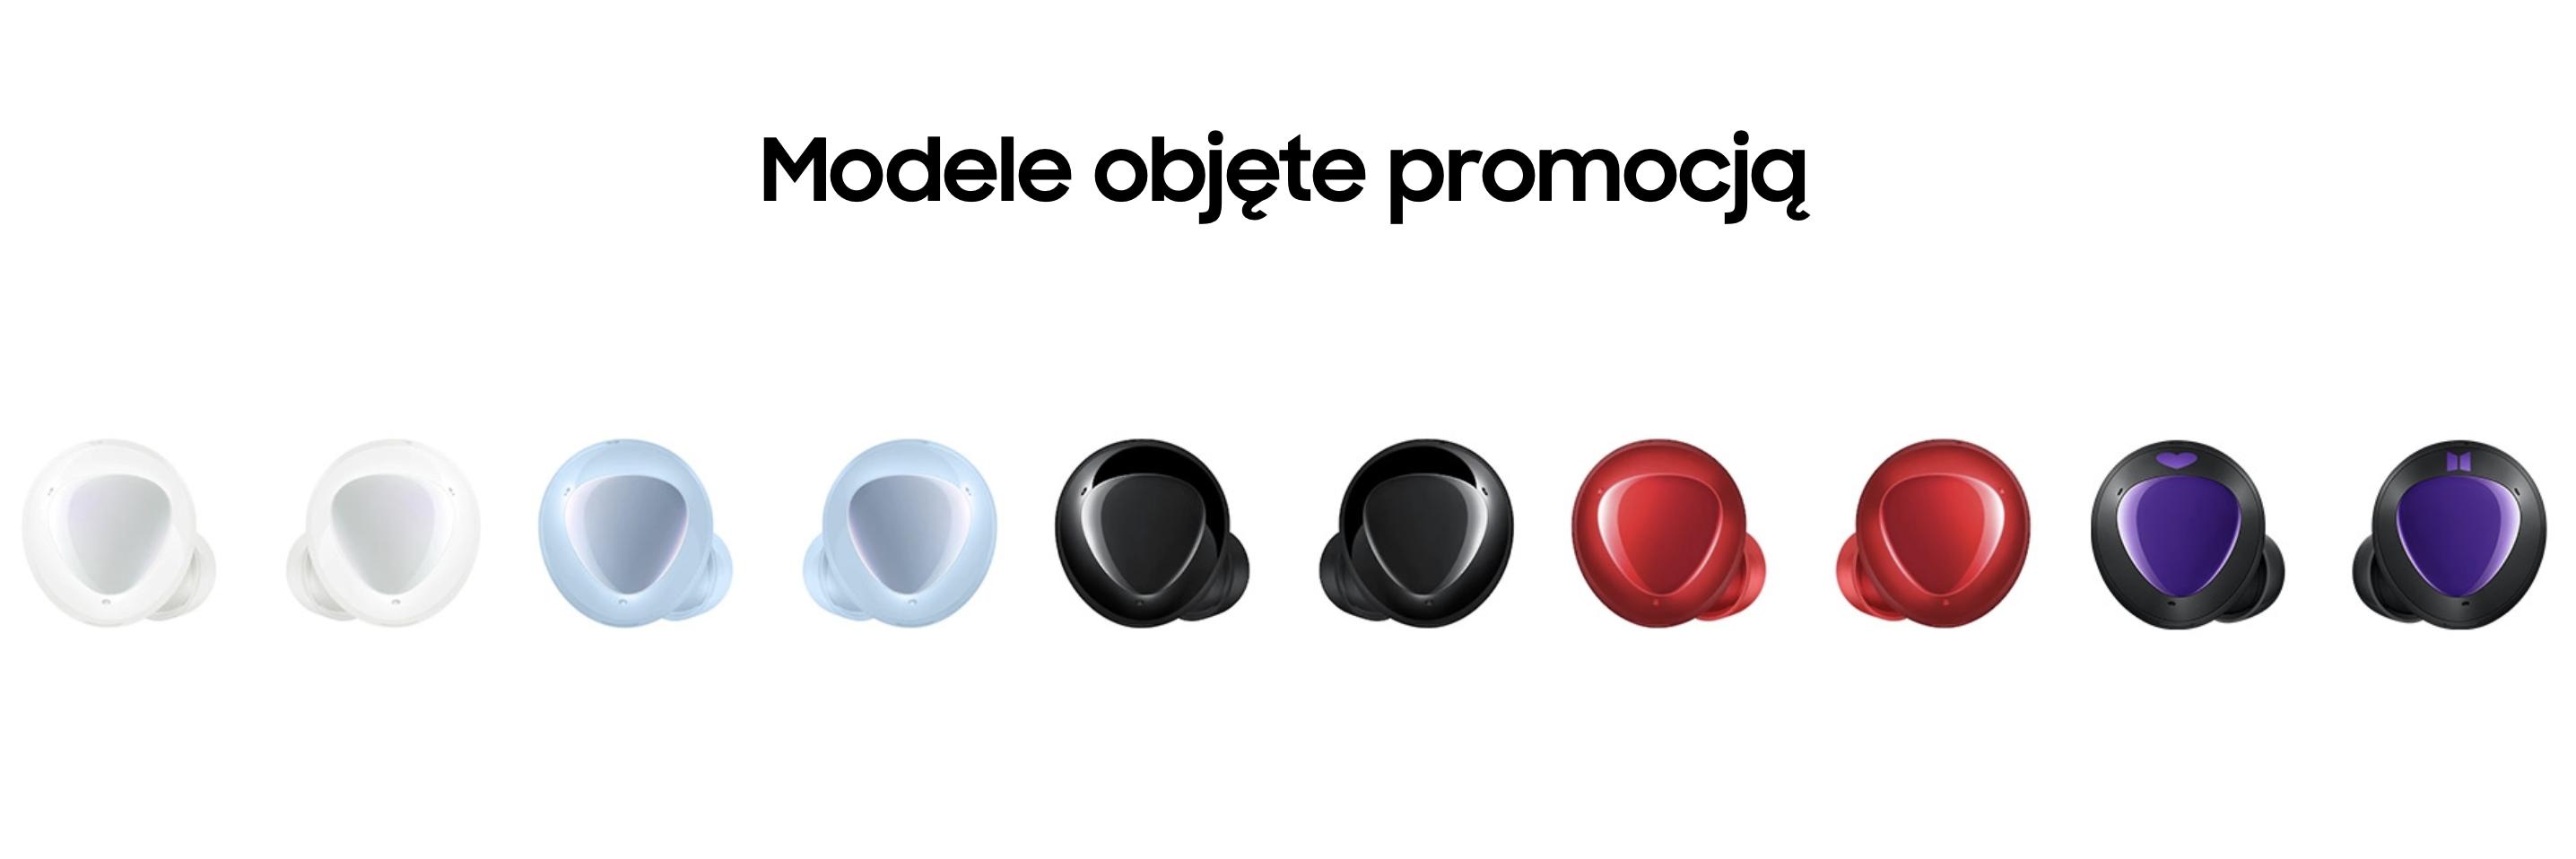 Samsung Galaxy Buds+ – promocja.